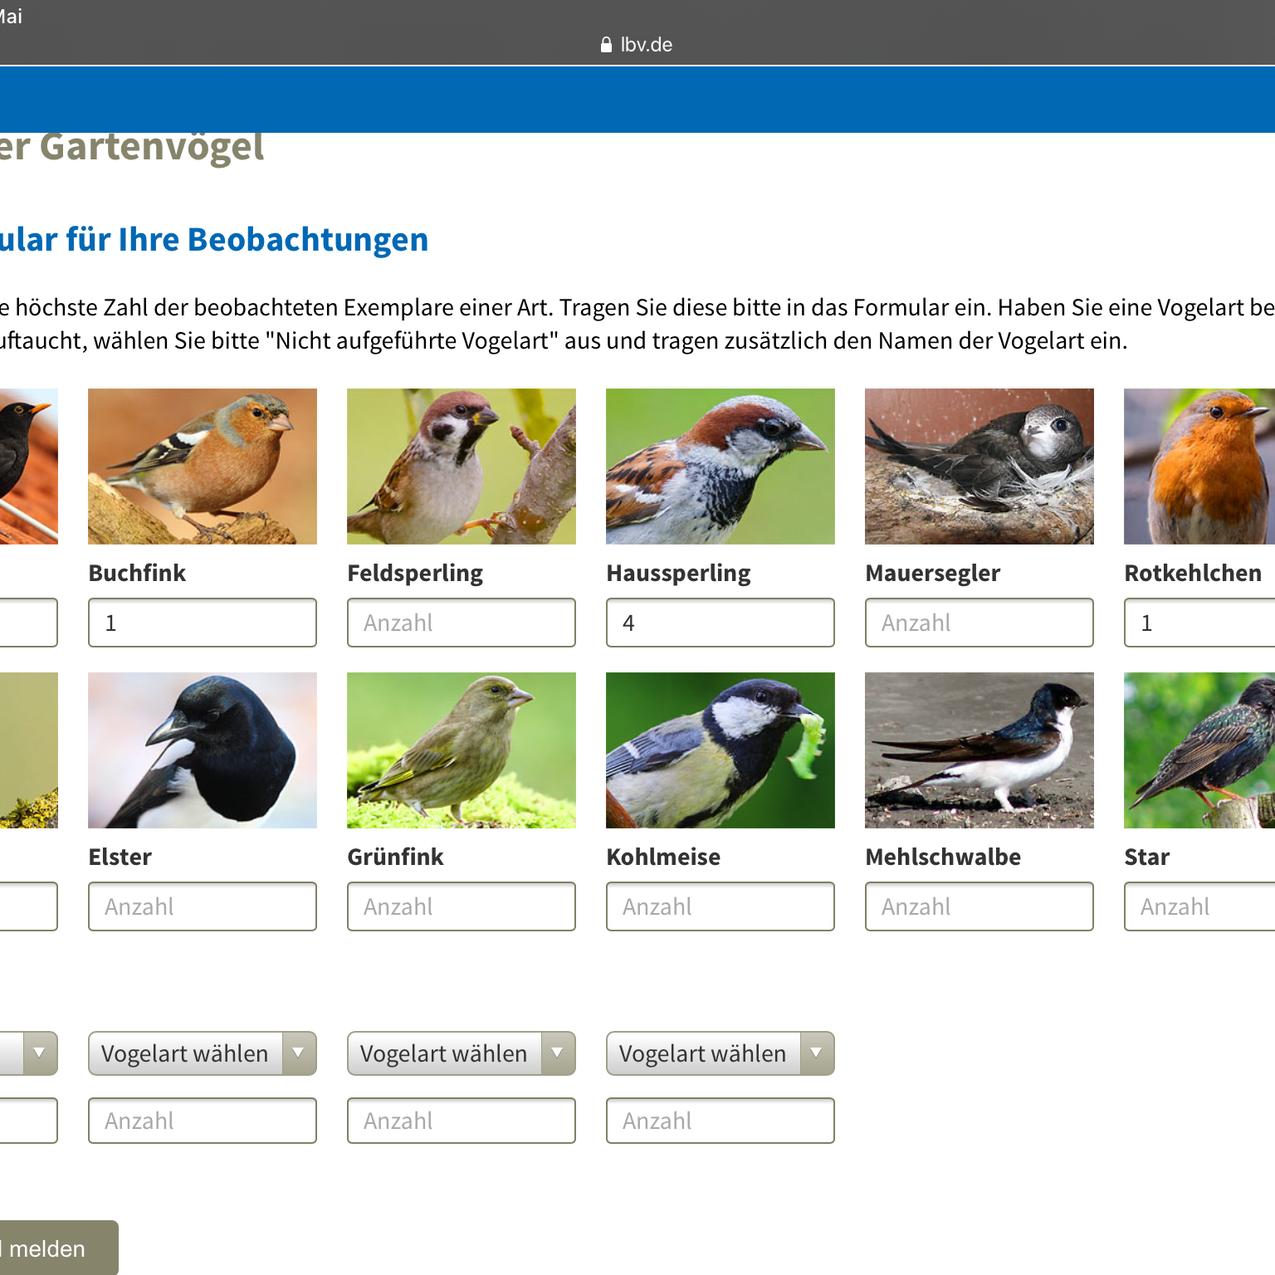 gartenvögel (1)